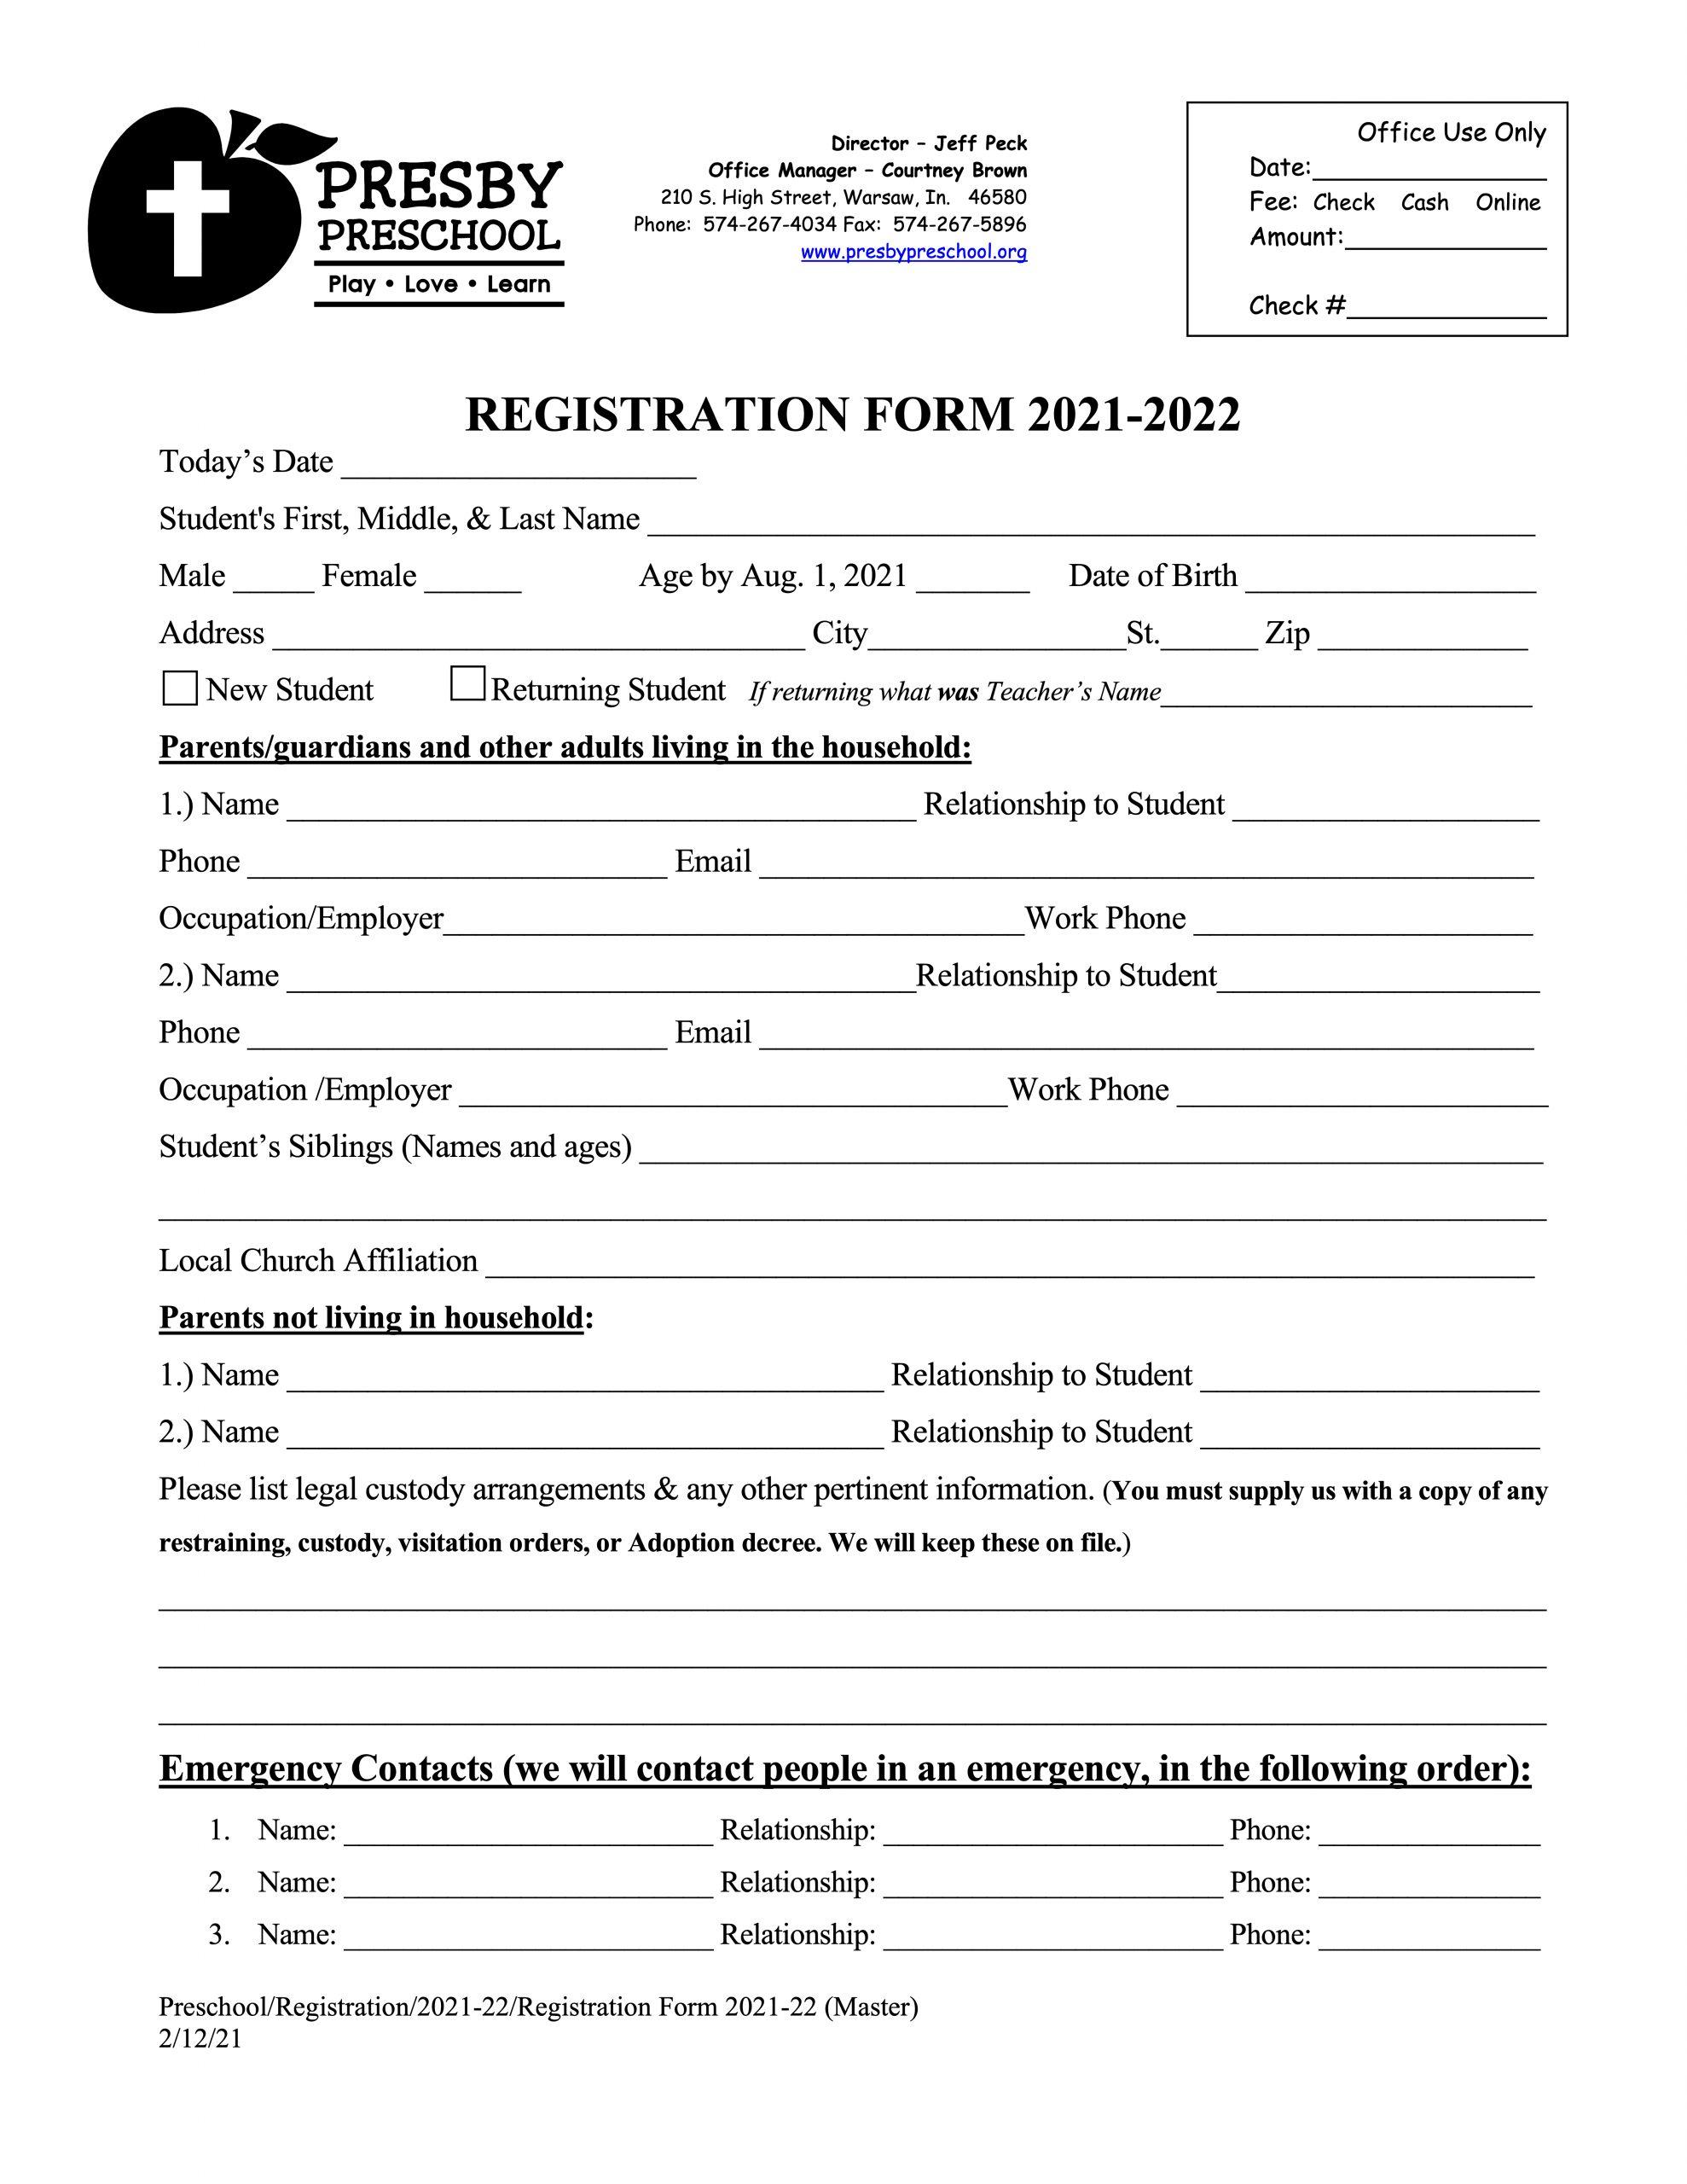 Registration Form 2021-22